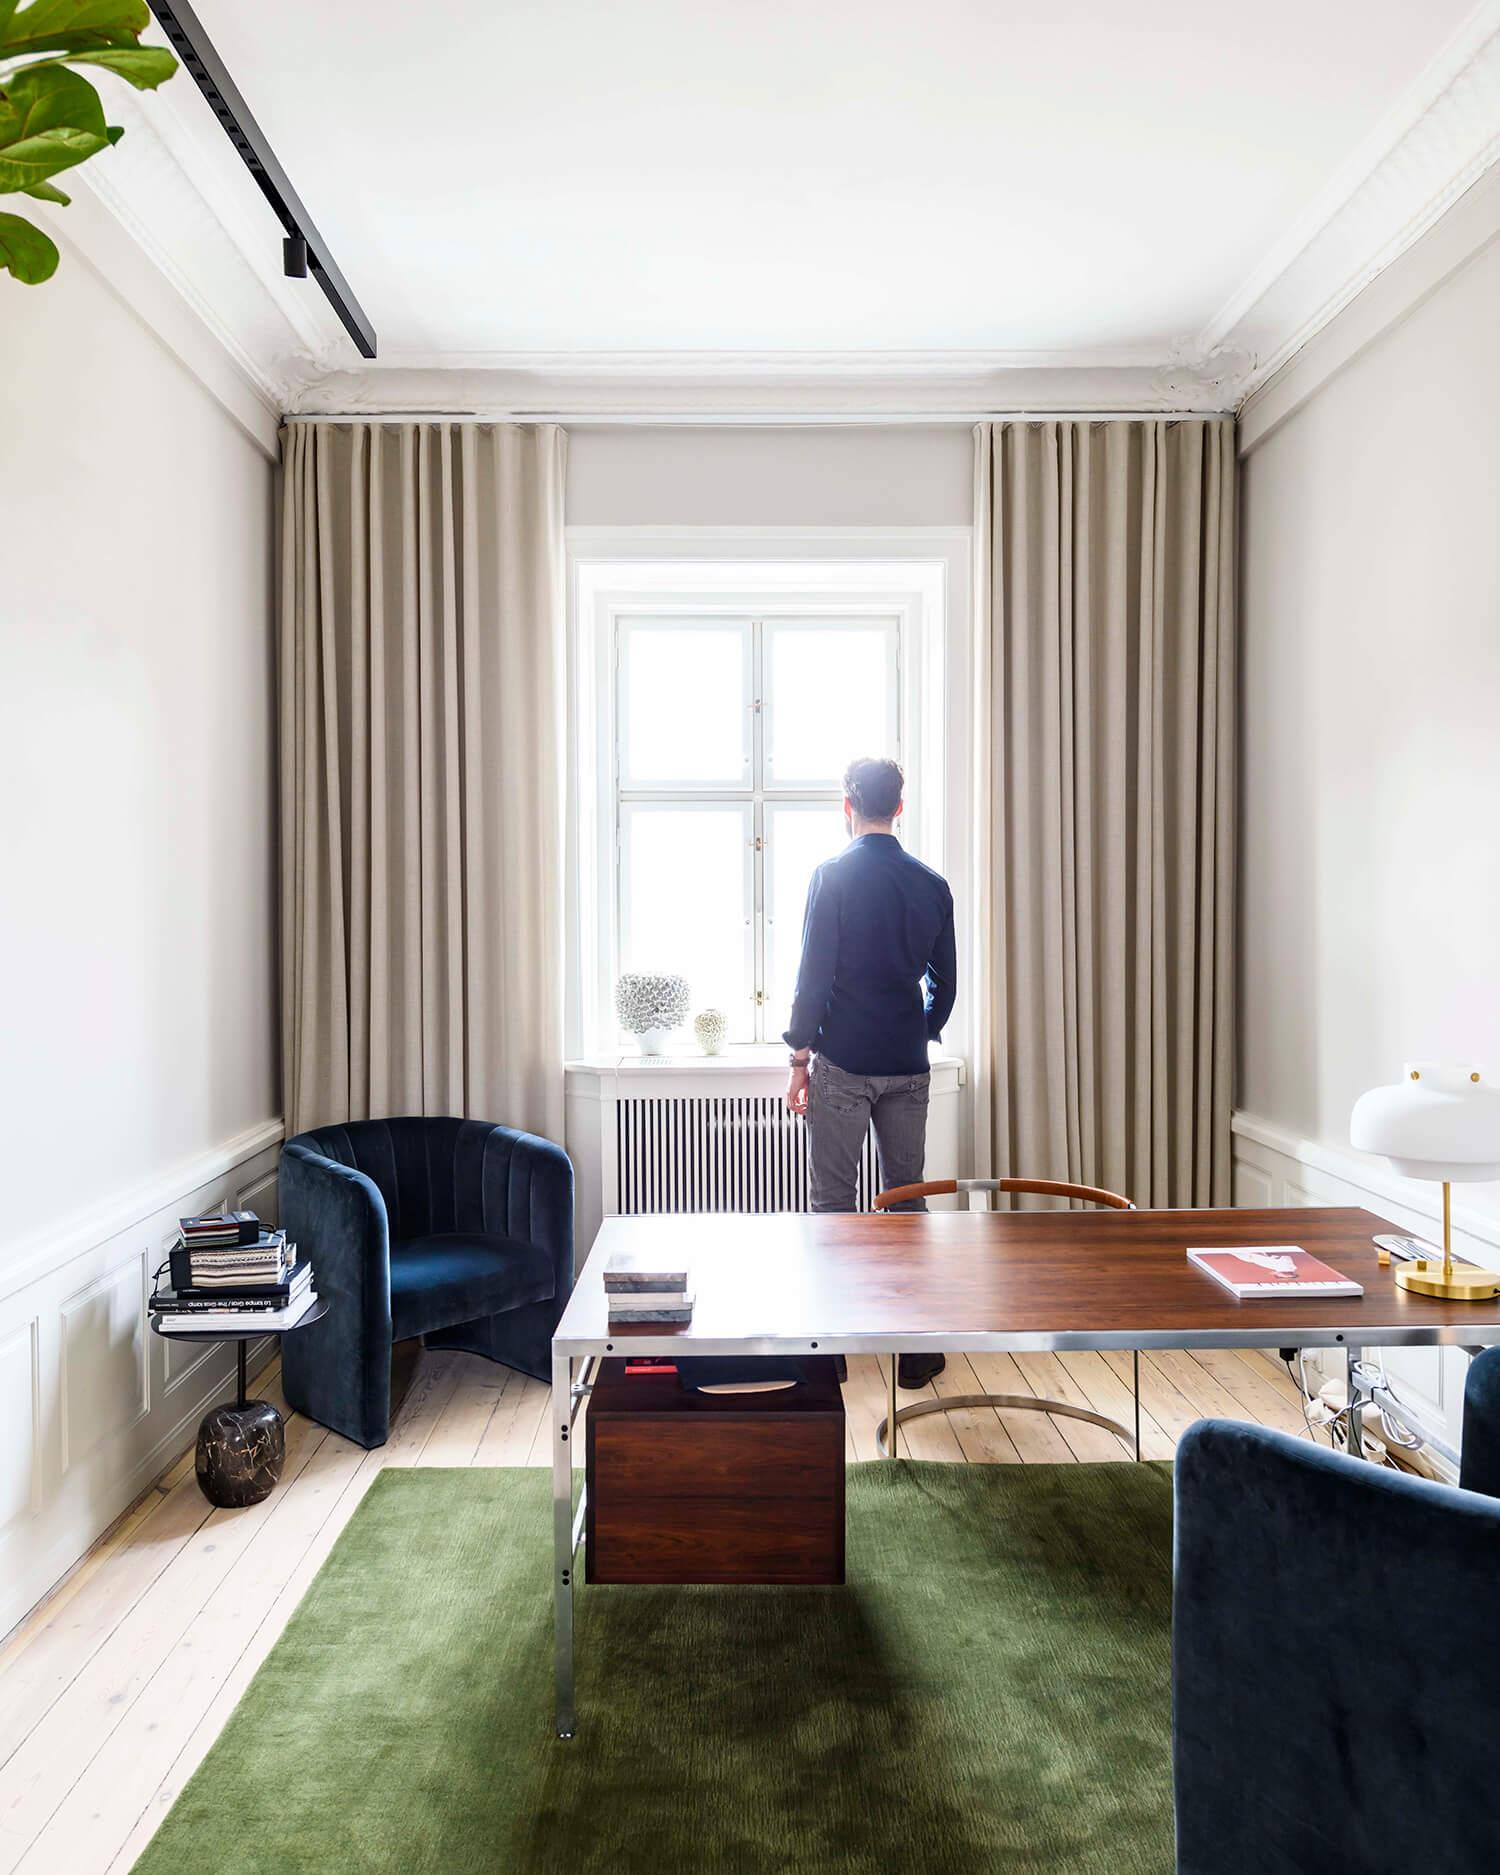 Appartement avec moulures anciennes